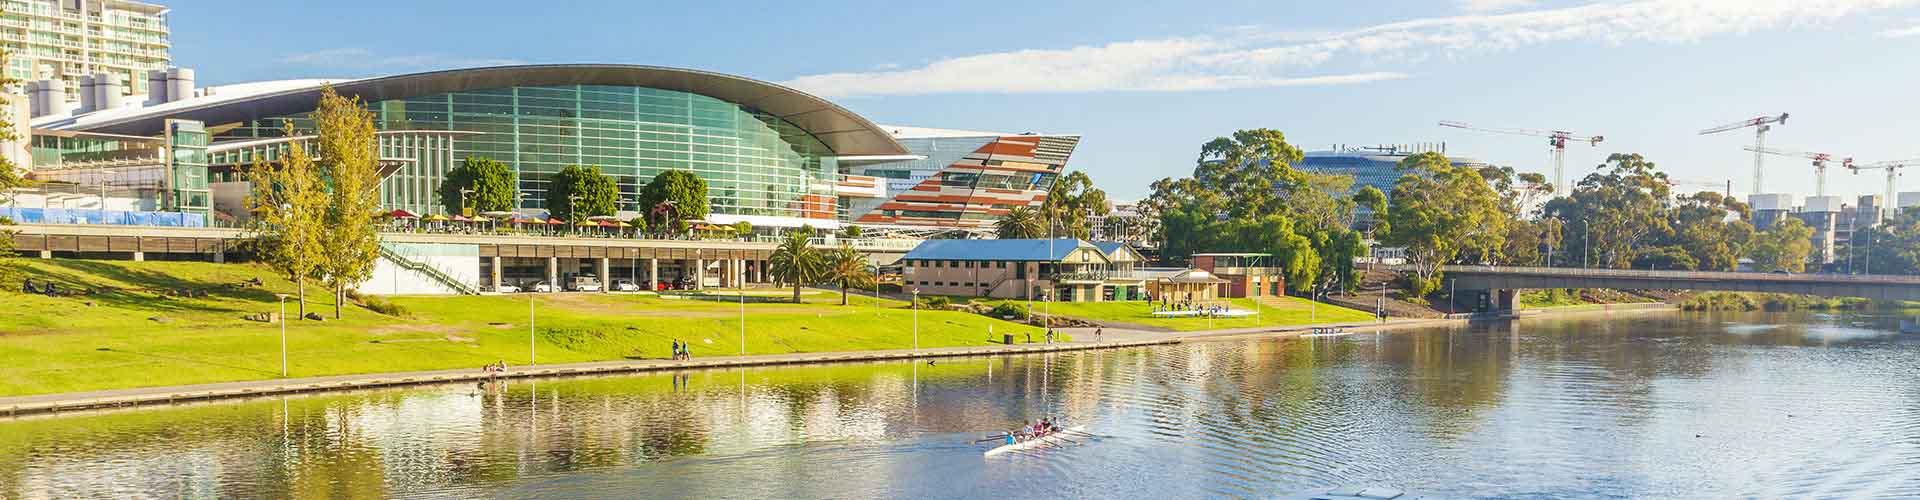 Adelaida - Hostales en el distrito  Adelaide  Distrito Central de Negocios . Mapas de Adelaida, Fotos y comentarios de cada Hostal en Adelaida.